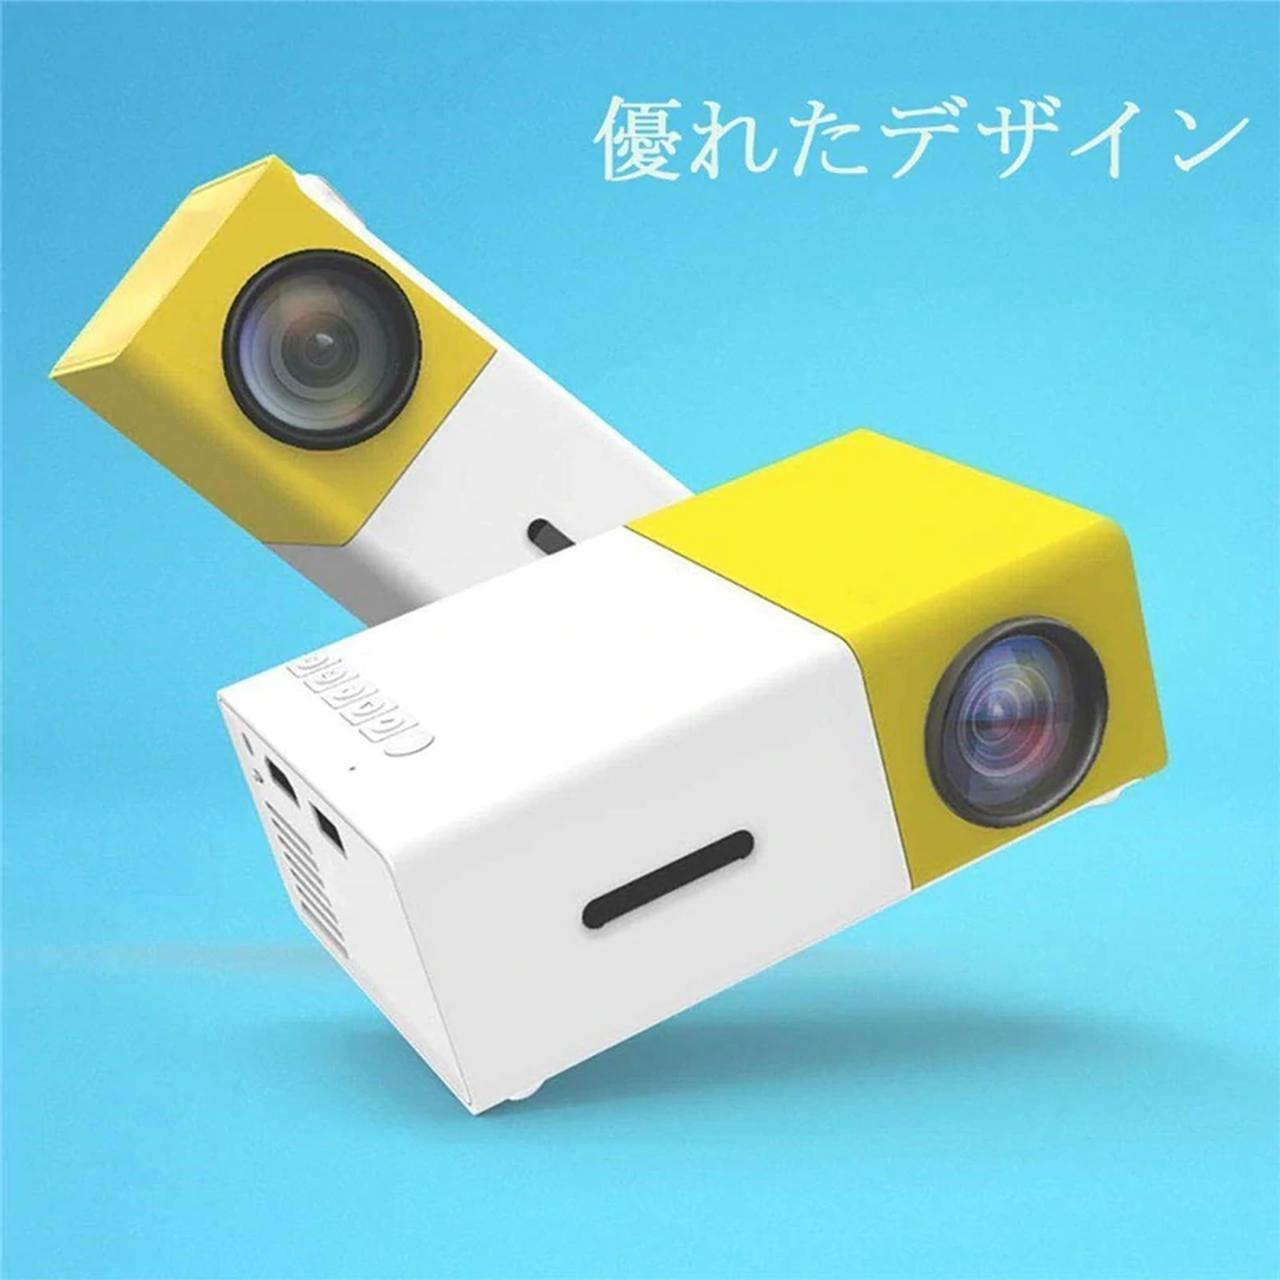 画像: 【1位】ミニポータルプロジェクター